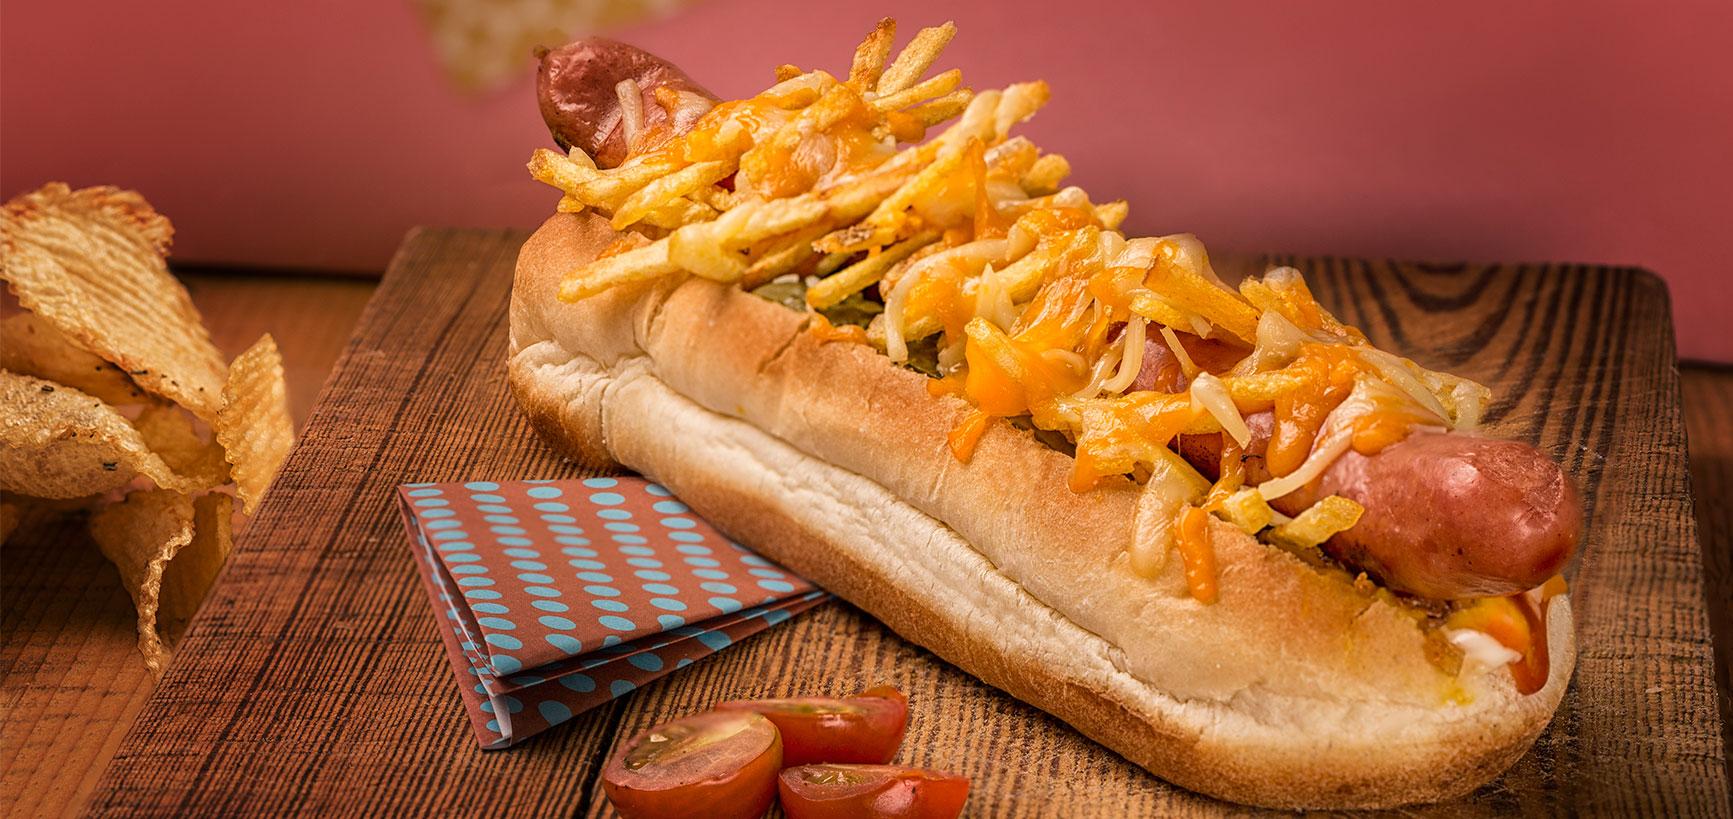 fotografía comida hotdog especial